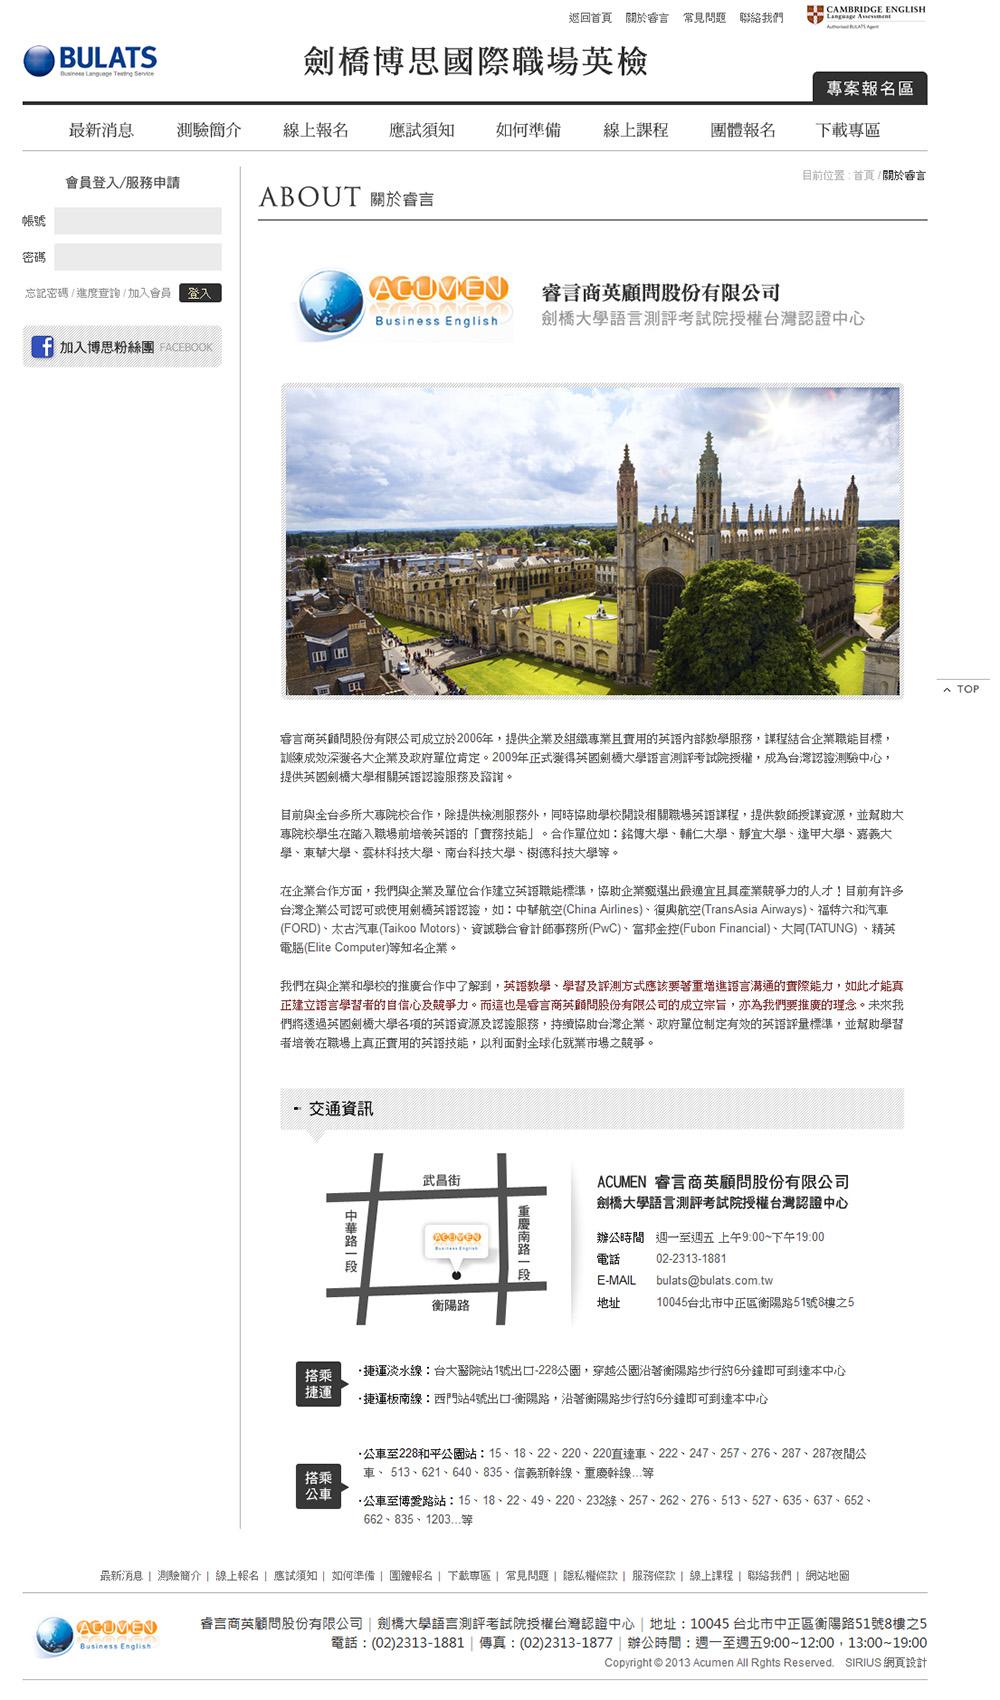 劍橋博思網頁設計